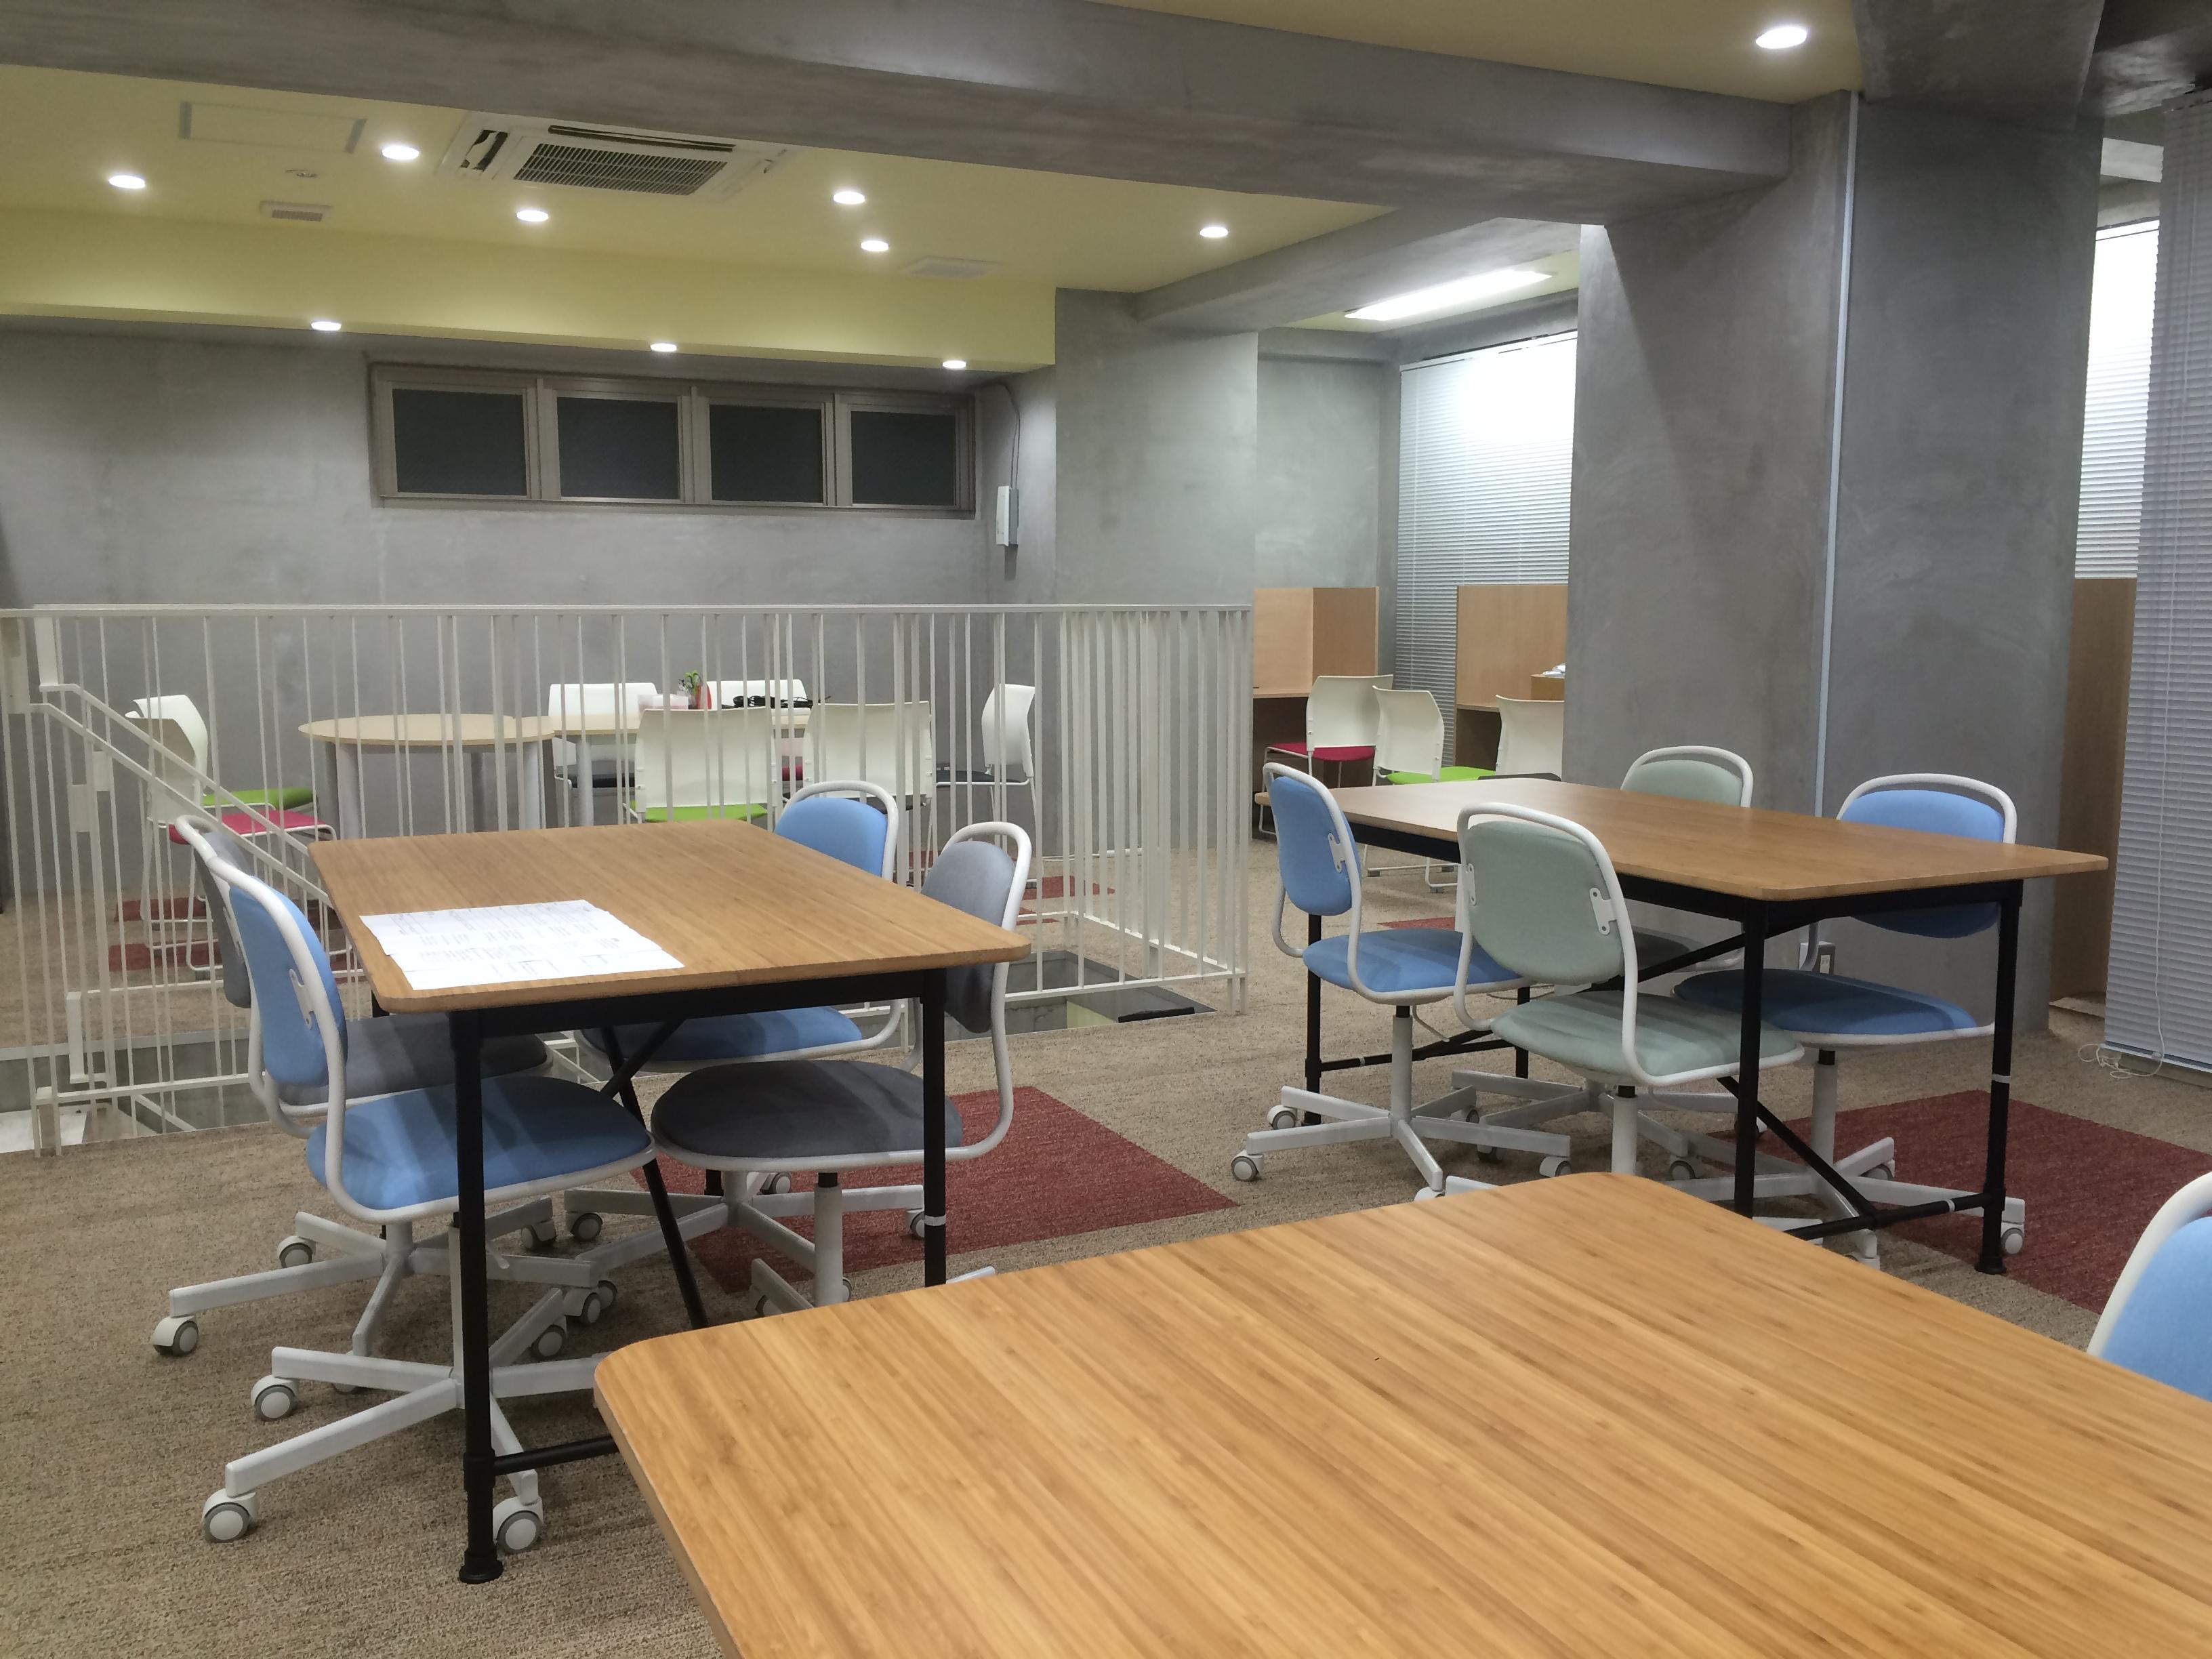 就労移行支援事業所 TODAY三鷹の室内写真